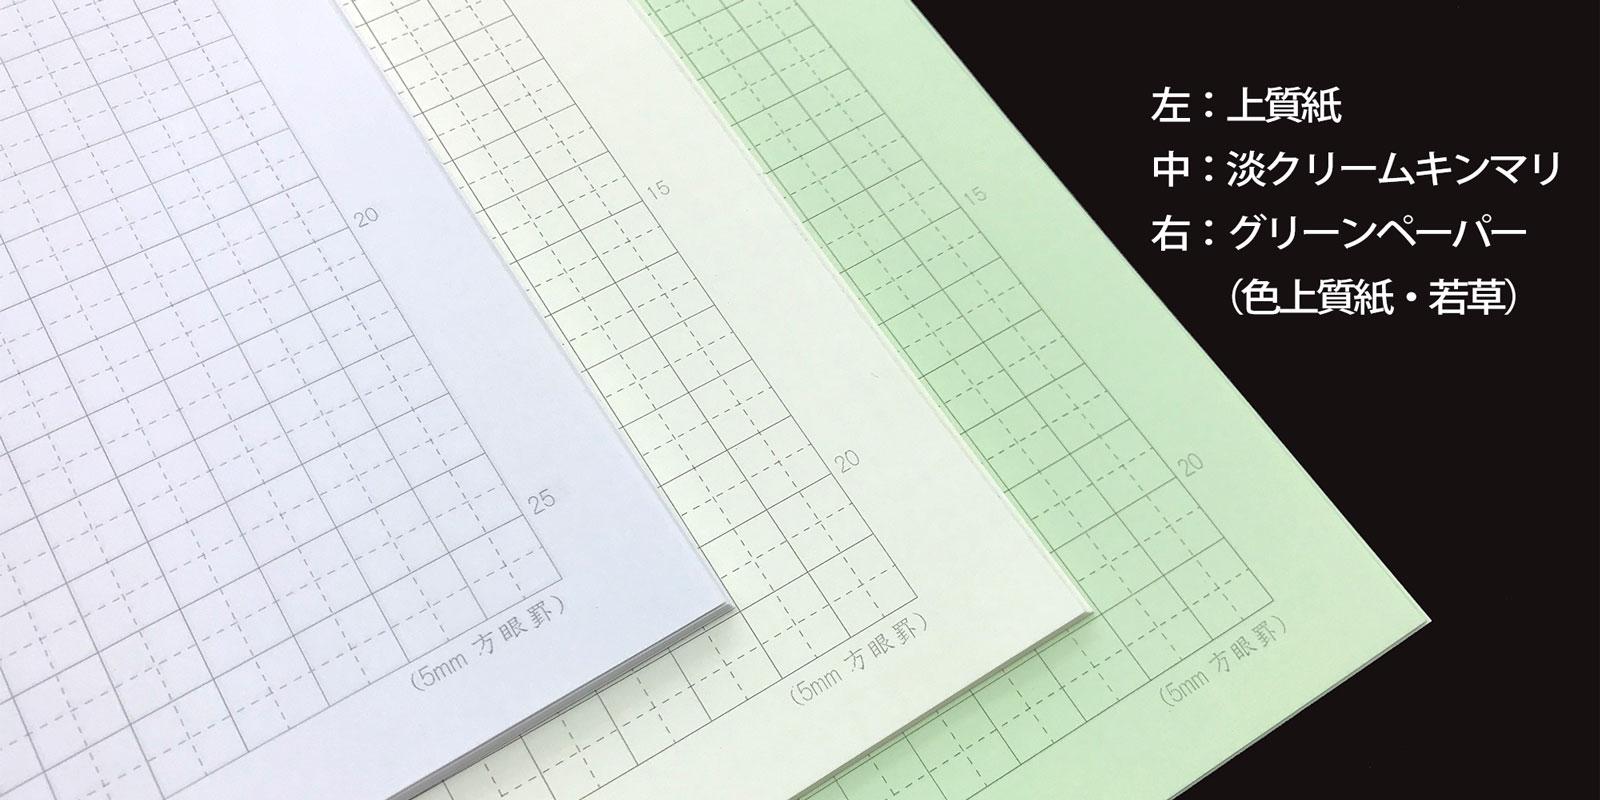 3種類の本文用紙の色比較イメージ画像です。